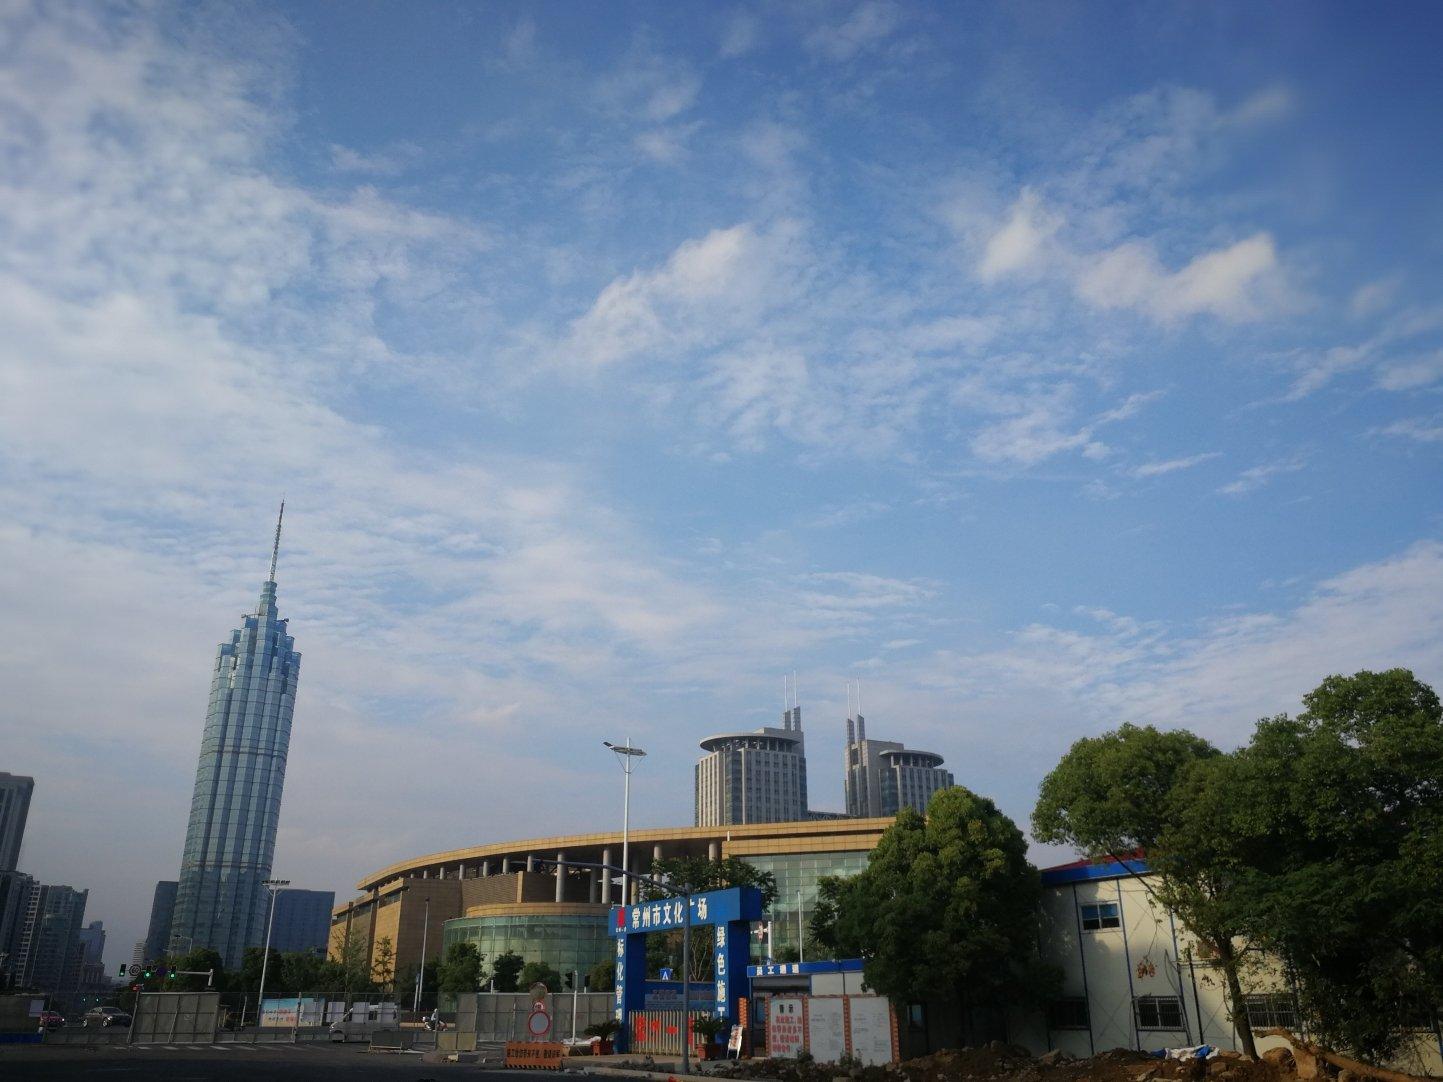 江苏省常州市新北区三井街道龙城大道天气预报